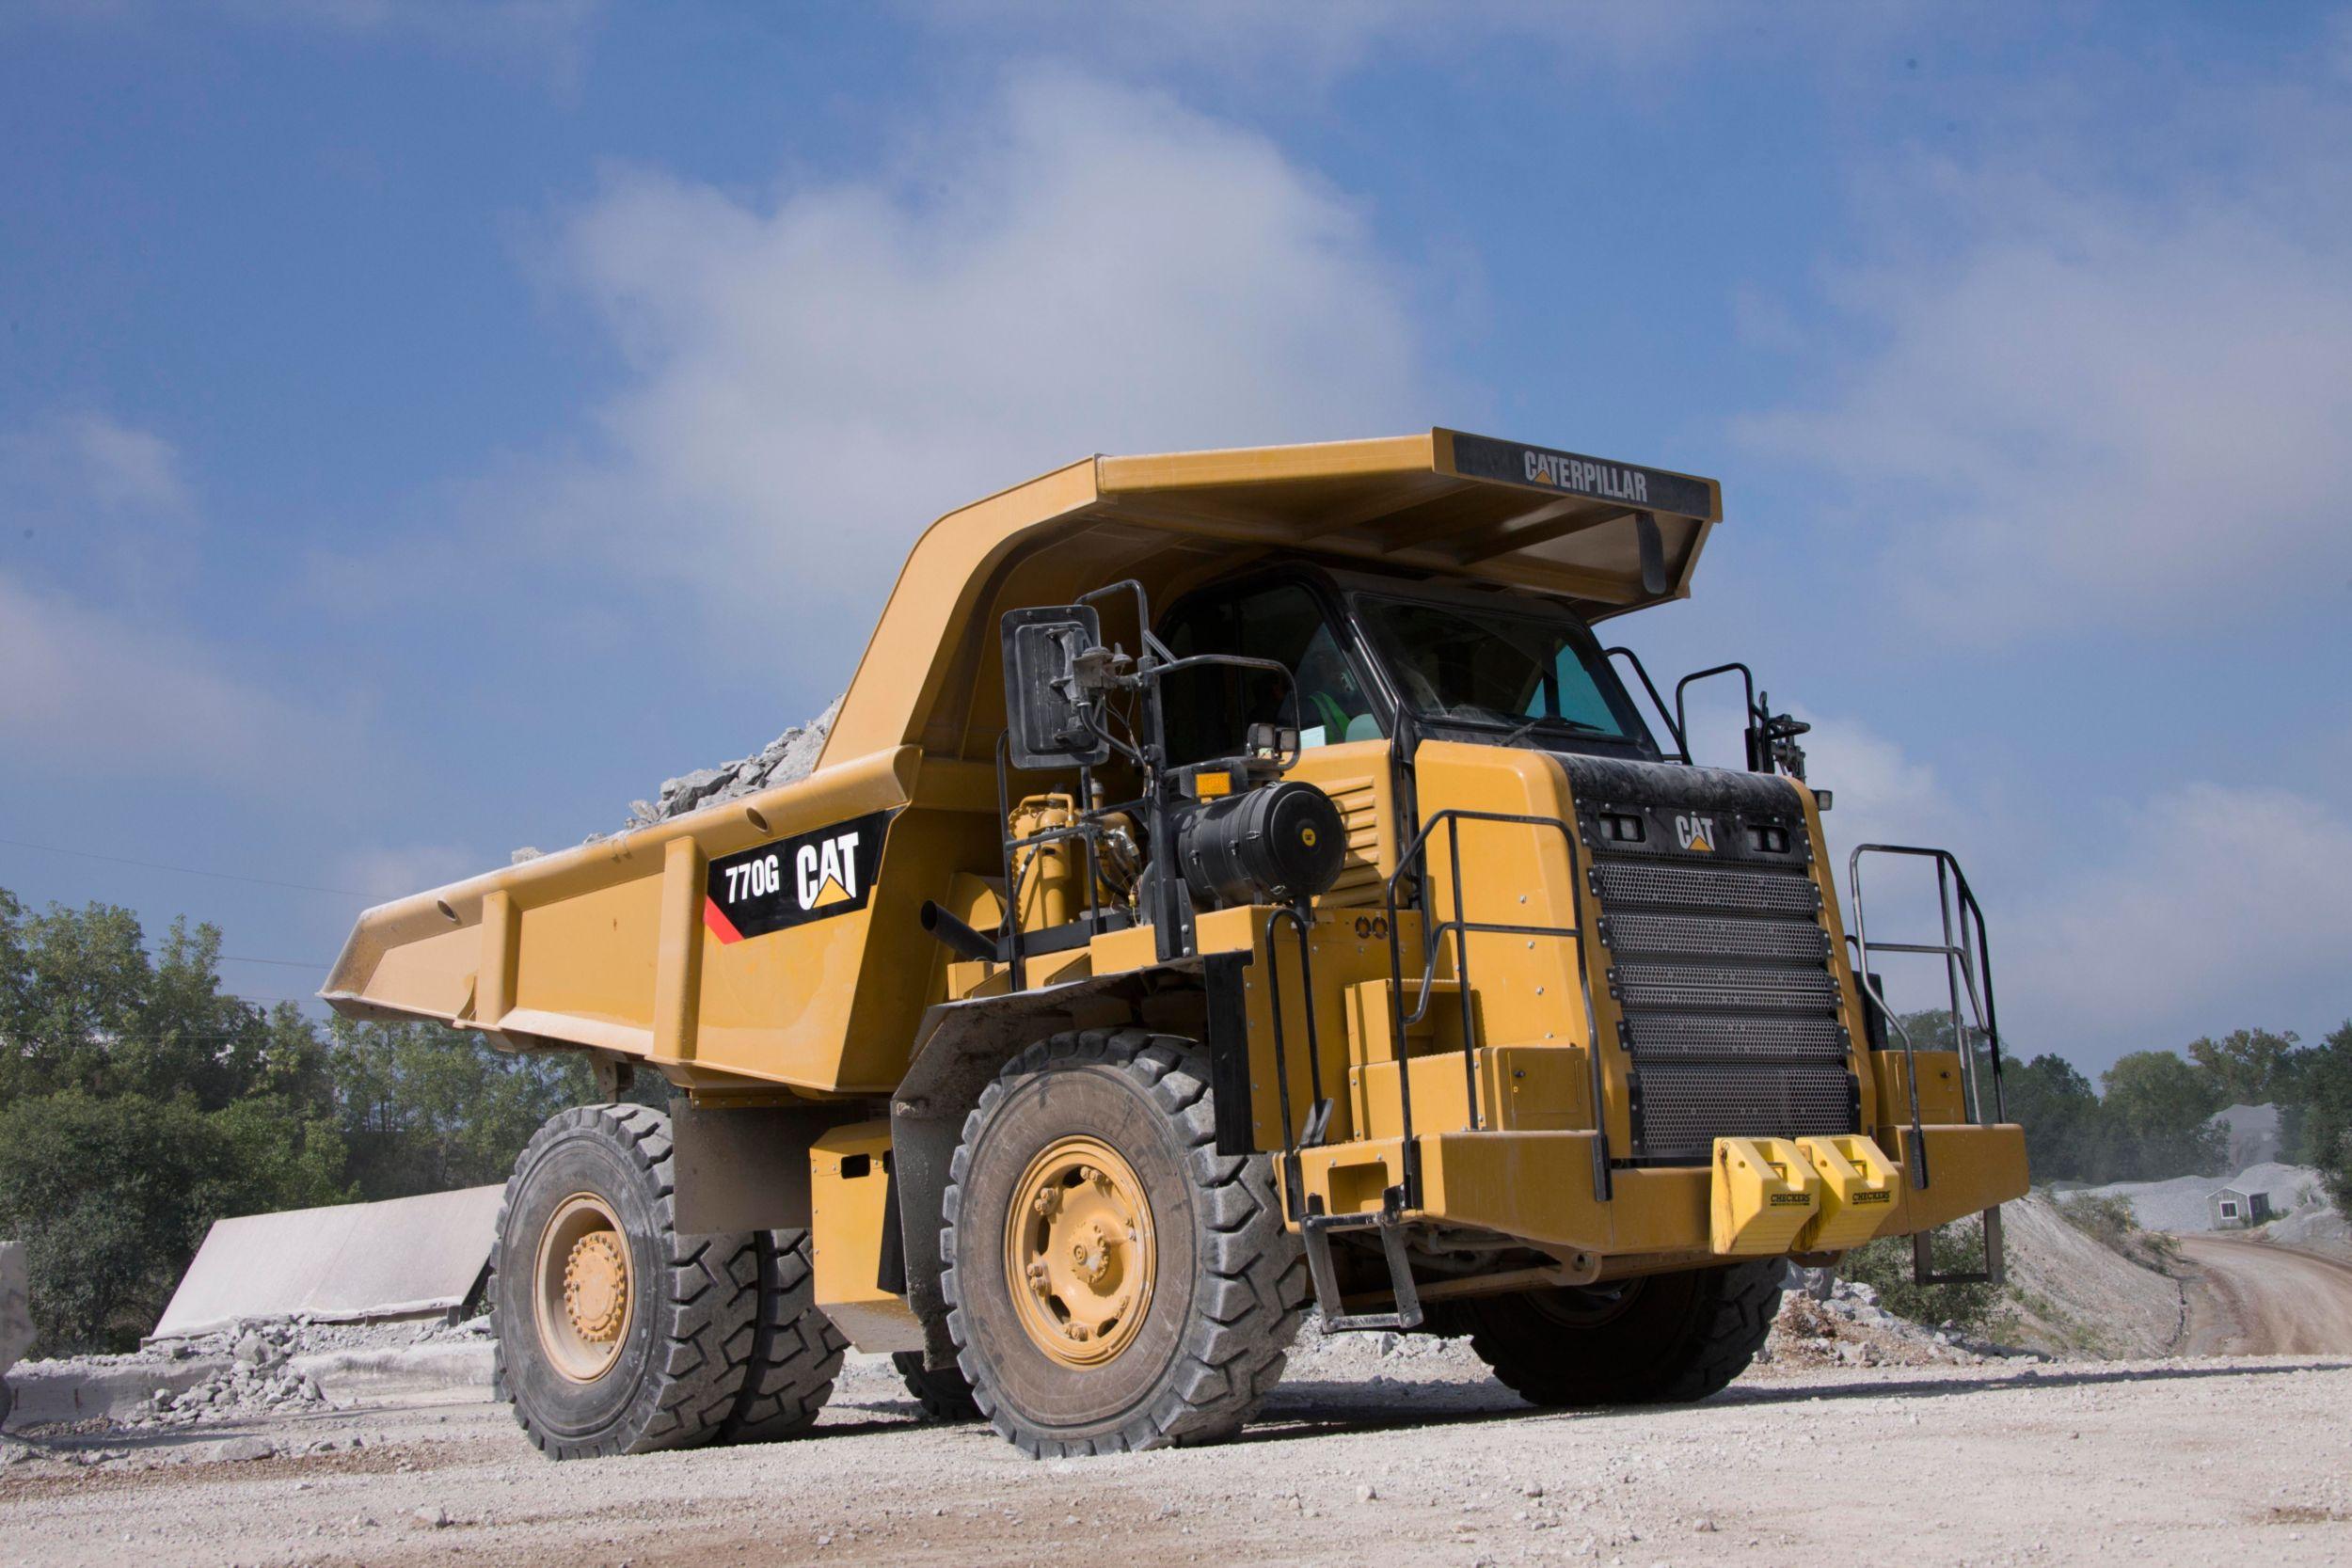 Camiones de Obras 770